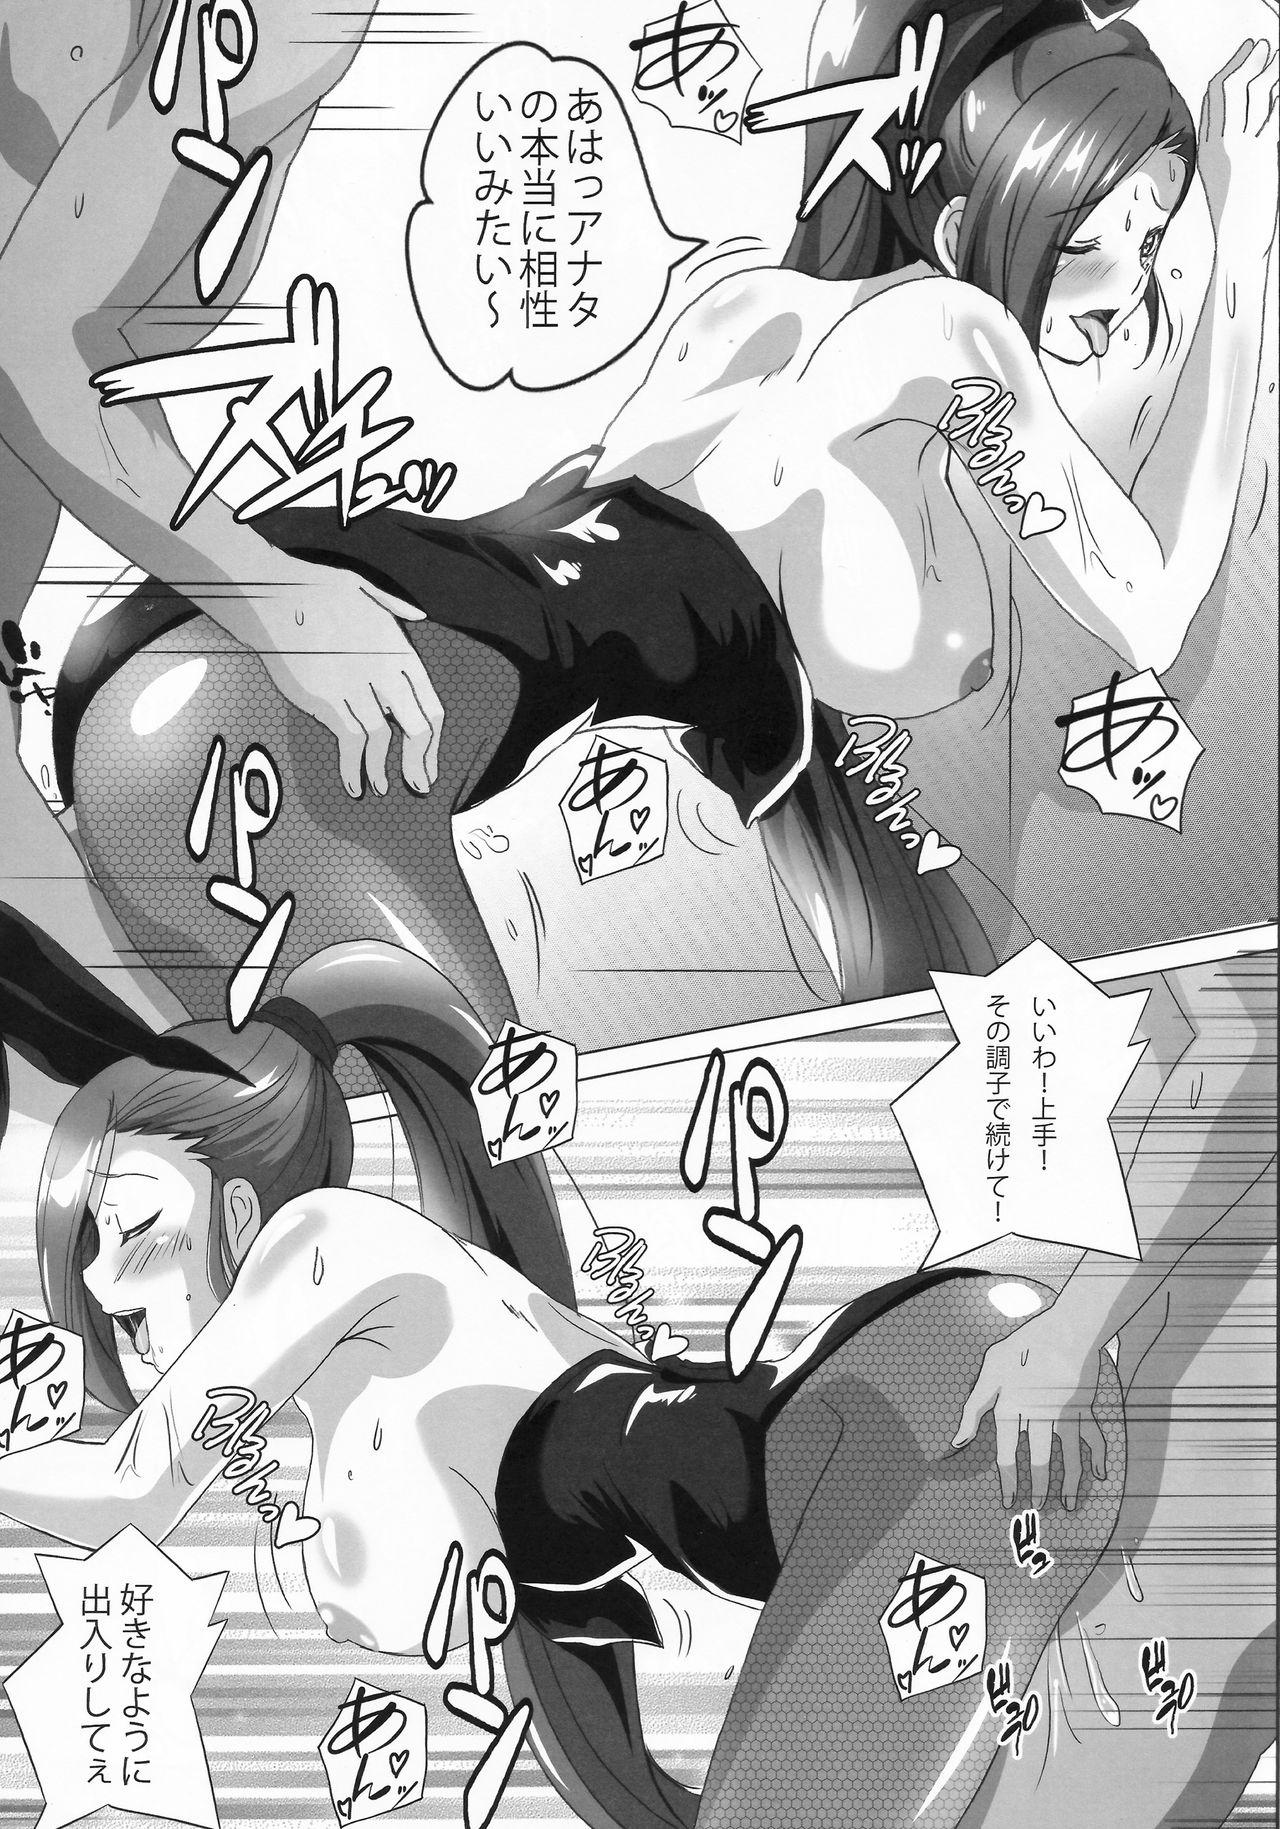 Hatsujou no Martina ga Arawareta! 9